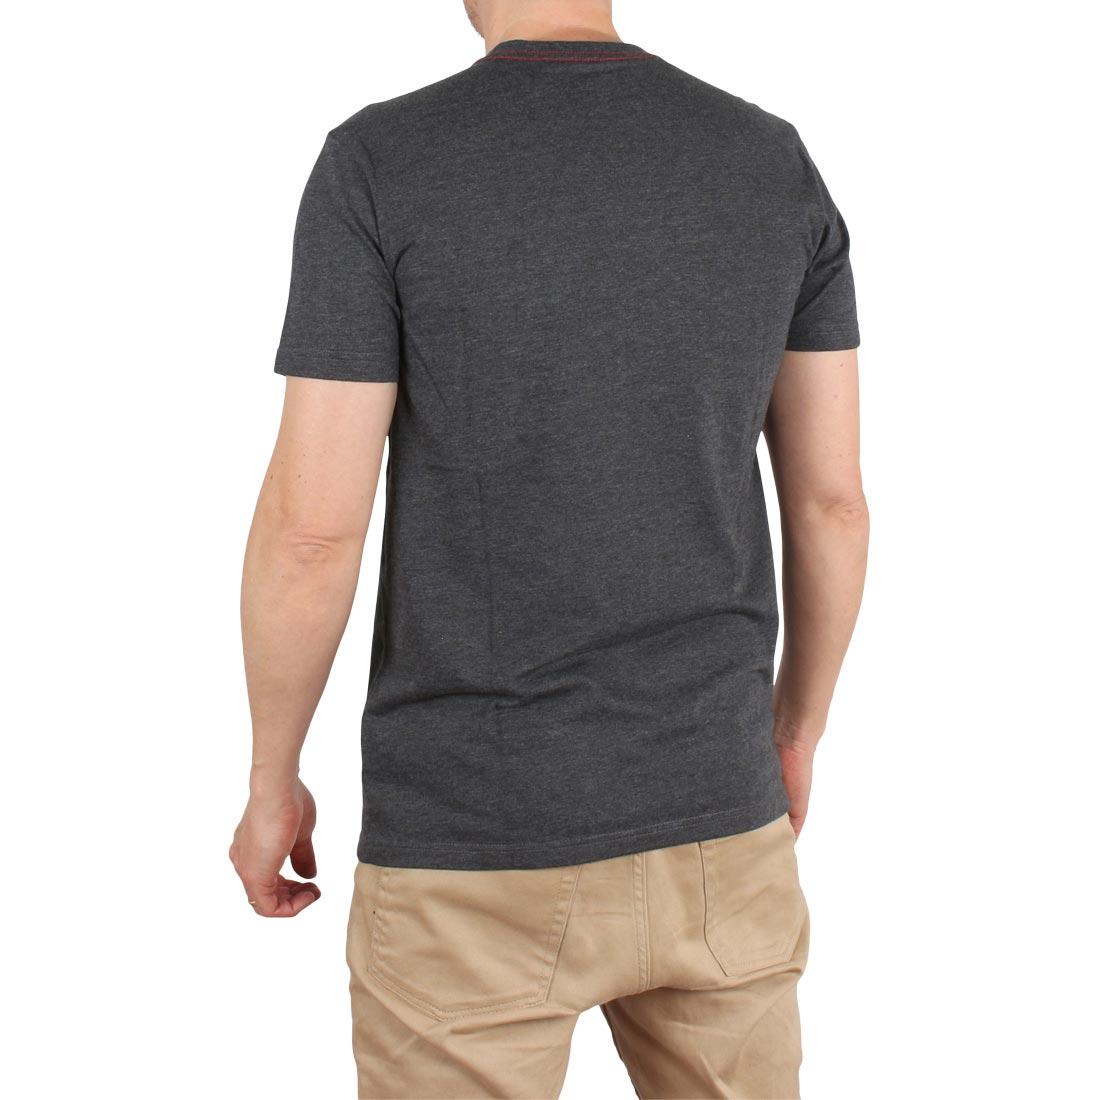 RVCA VA RVCA S/S T-Shirt - Charcoal